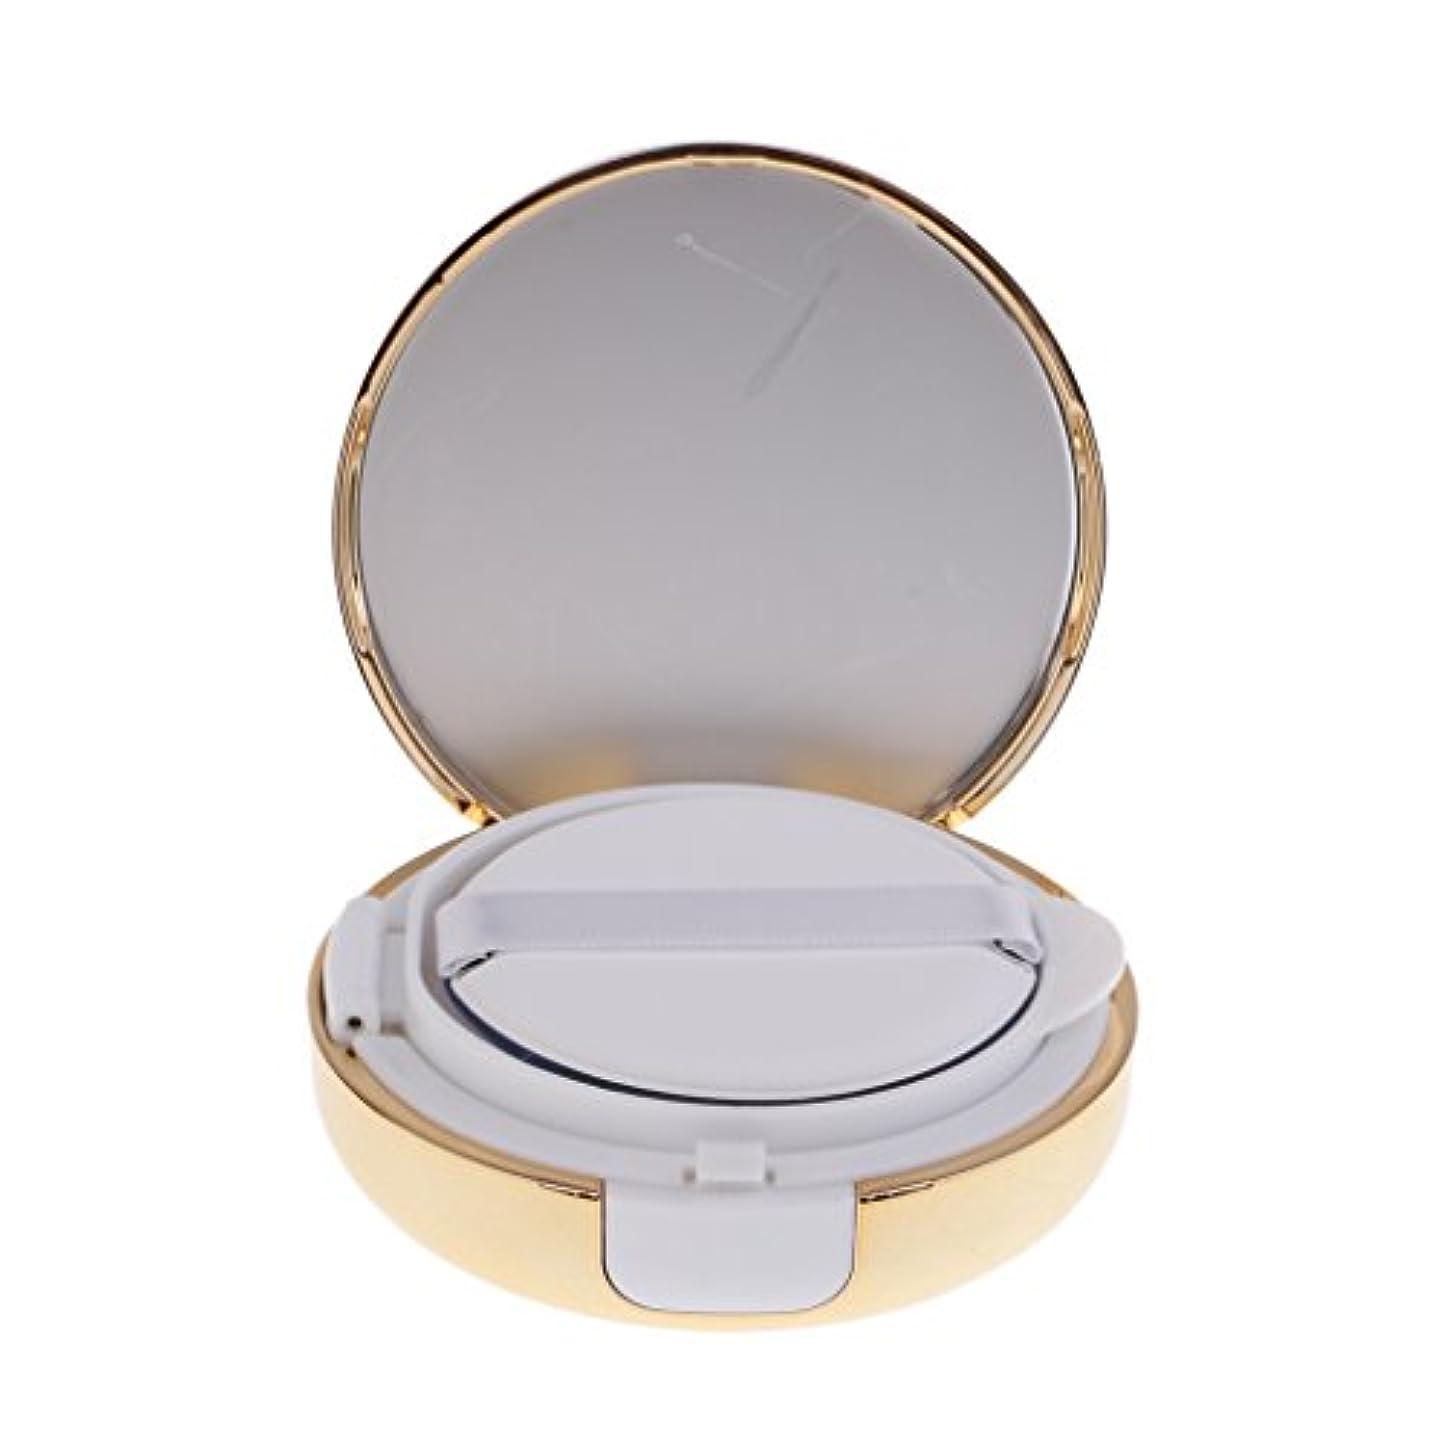 クラシック万一に備えて摂氏Kesoto メイクアップ 空パウダーコンテナ ファンデーションケース エアクッション パフ BBクリーム 詰替え 化粧品 DIY プラスチック製 2色選べる - ゴールド